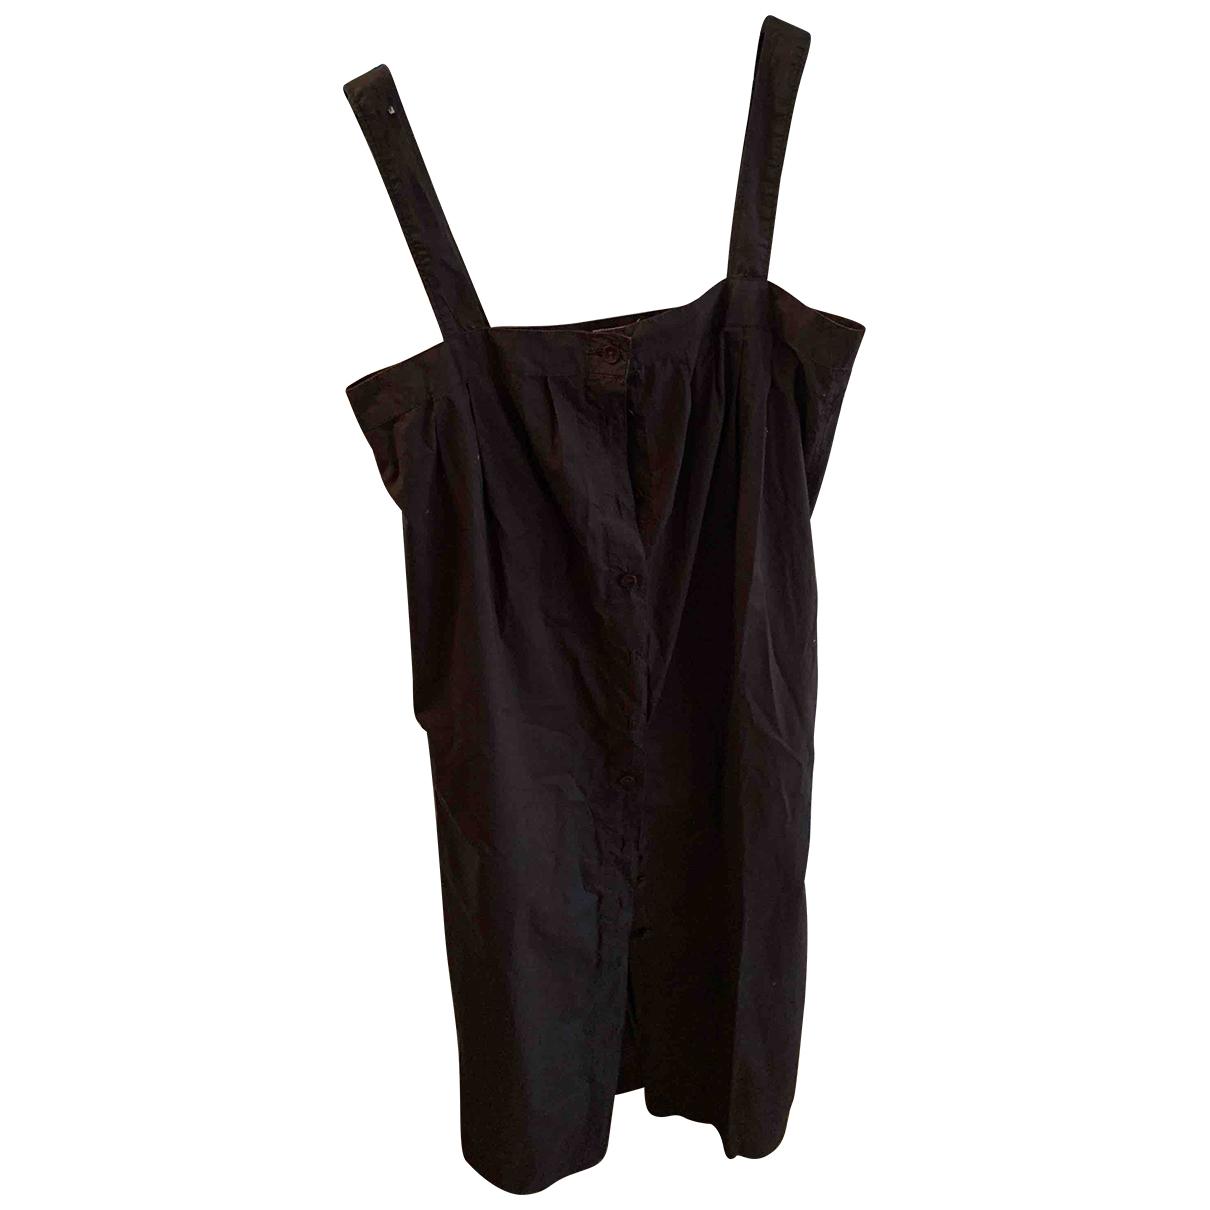 Bellerose - Robe   pour femme en coton - marron